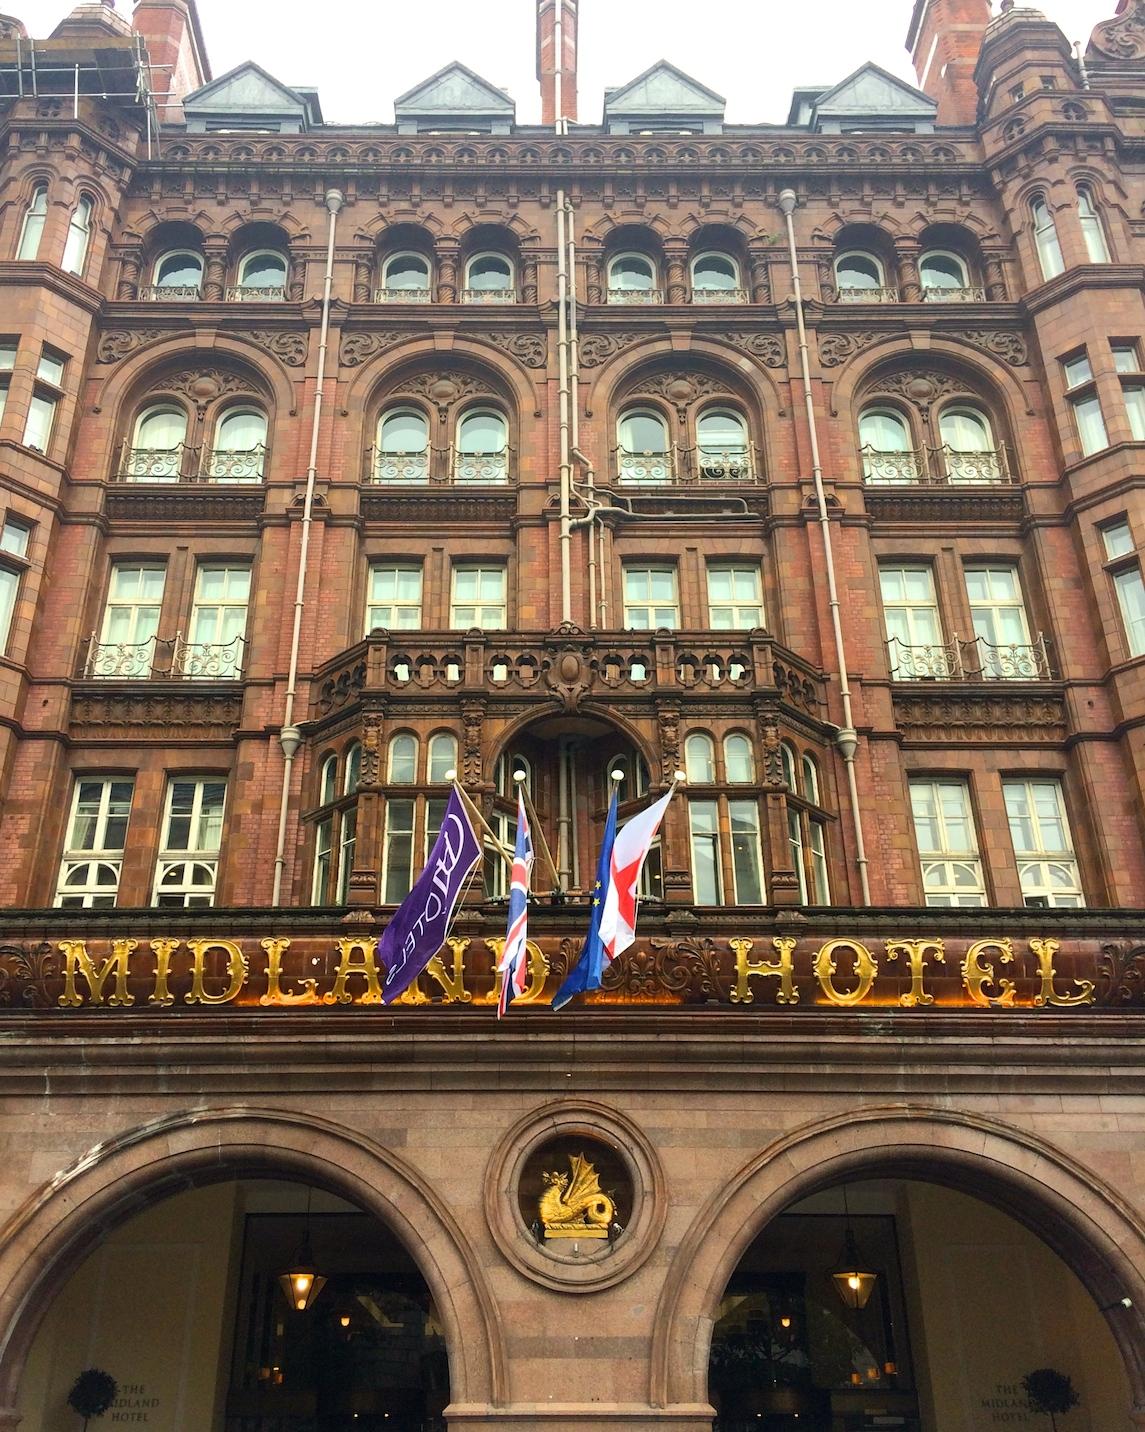 Midland Hotel facade